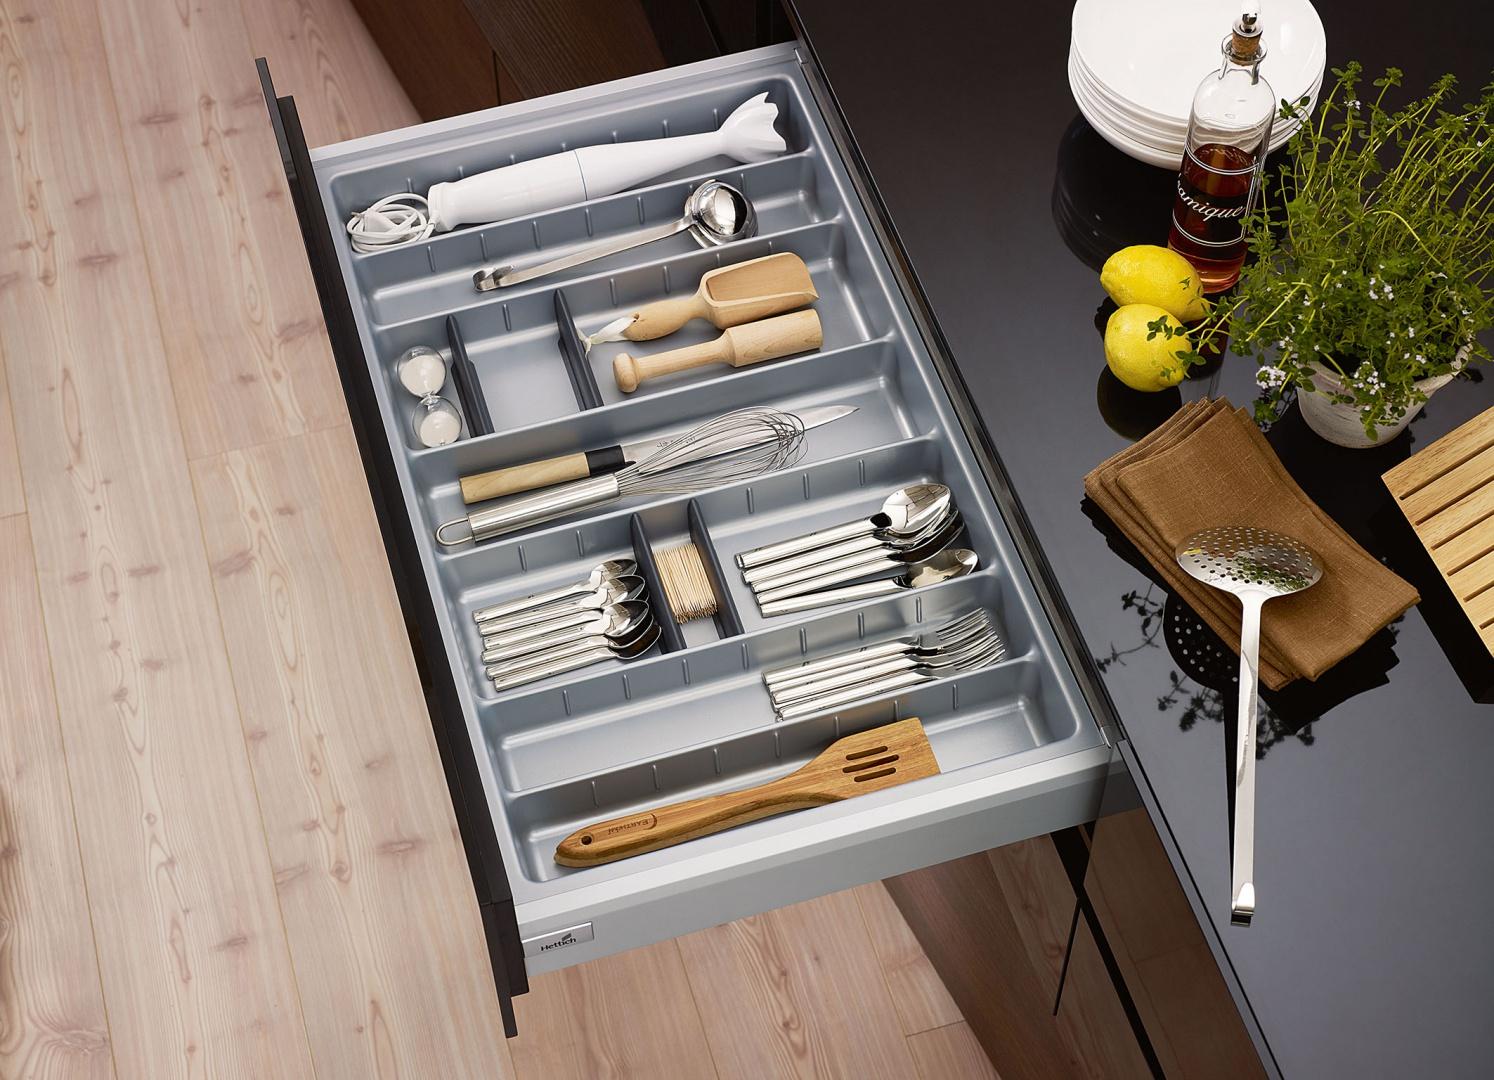 Sztućce przypisane są niskim szufladom, bo to najwygodniejszy sposób ich przechowywania. Dzięki specjalnym wkładom porządkującym dedykowanym szufladzie ArciTech oraz InnoTech Atira wszystko jest na swoim miejscu.  Fot. Hettich